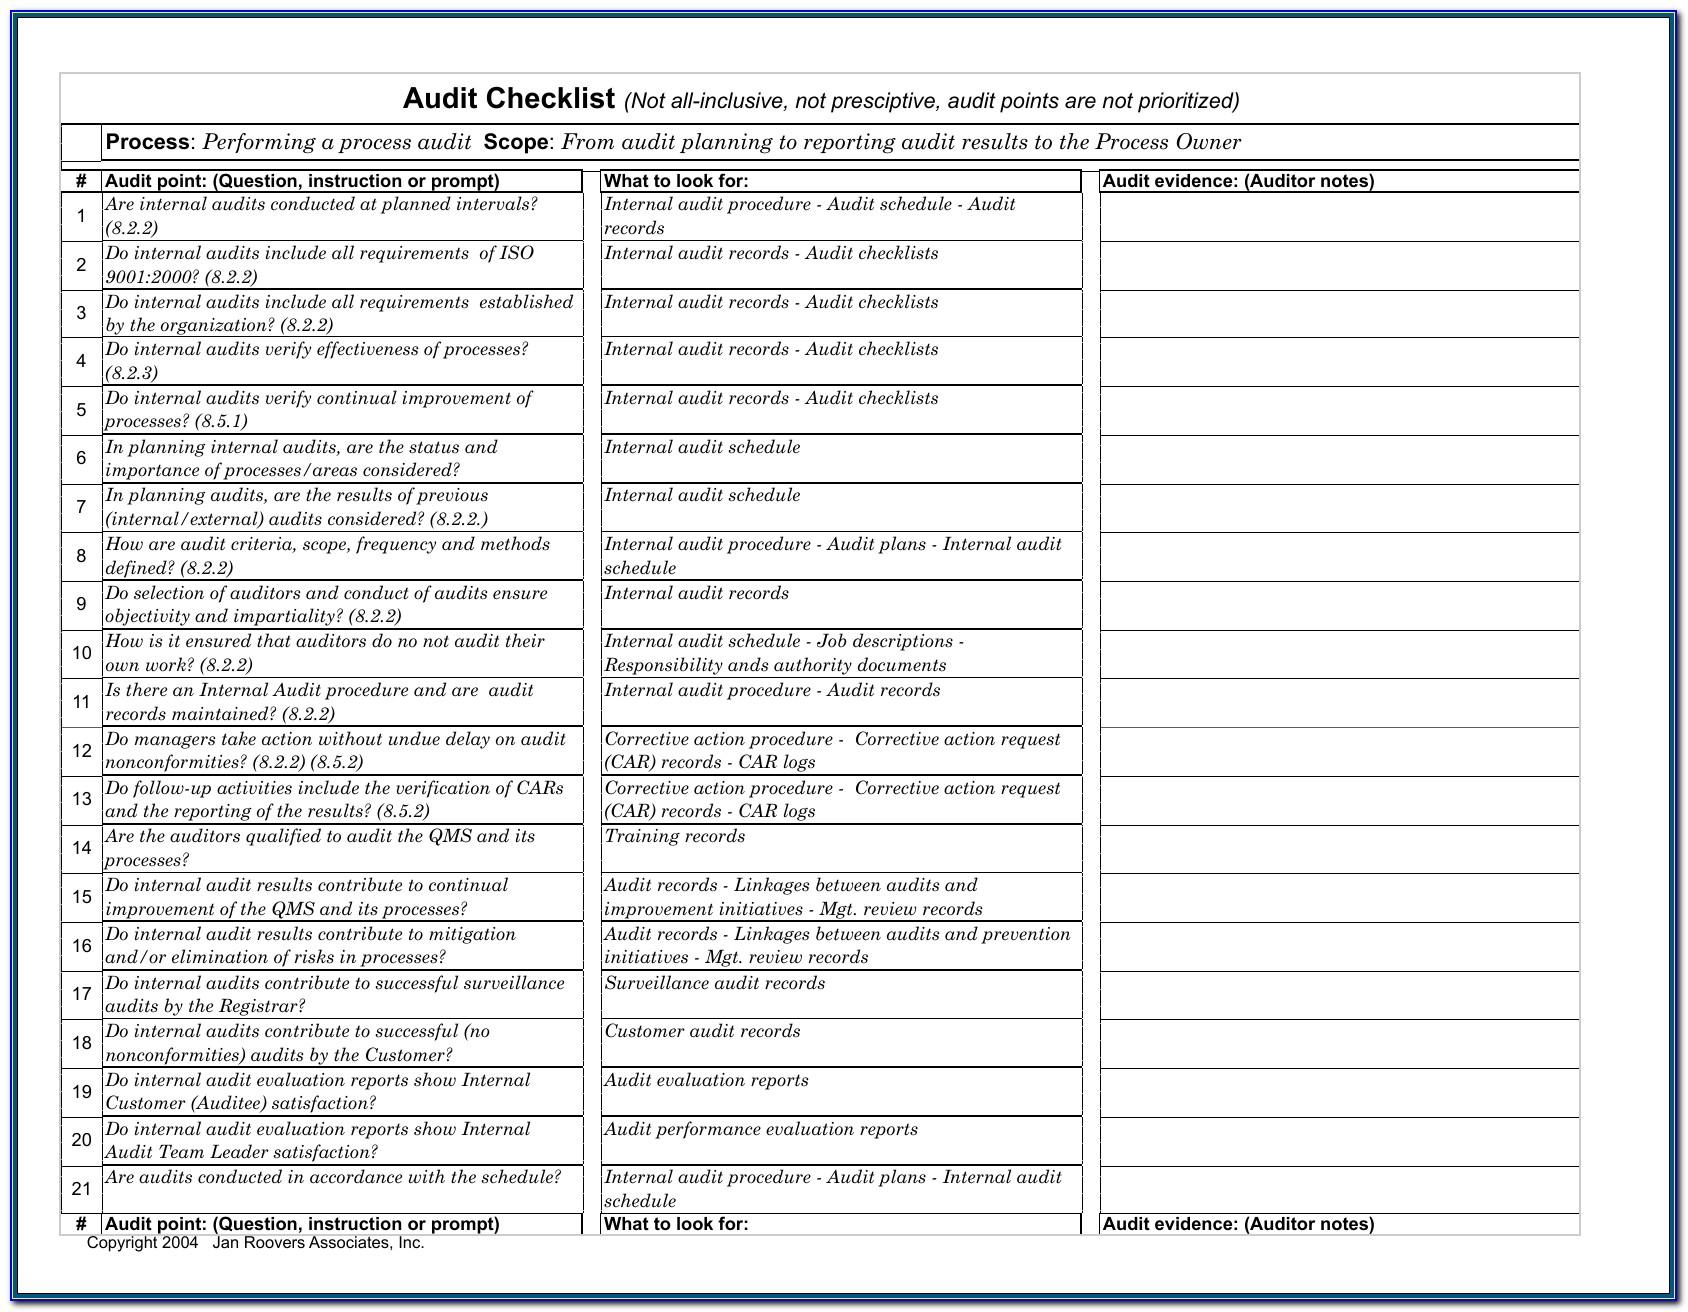 Financial Audit Checklist Format